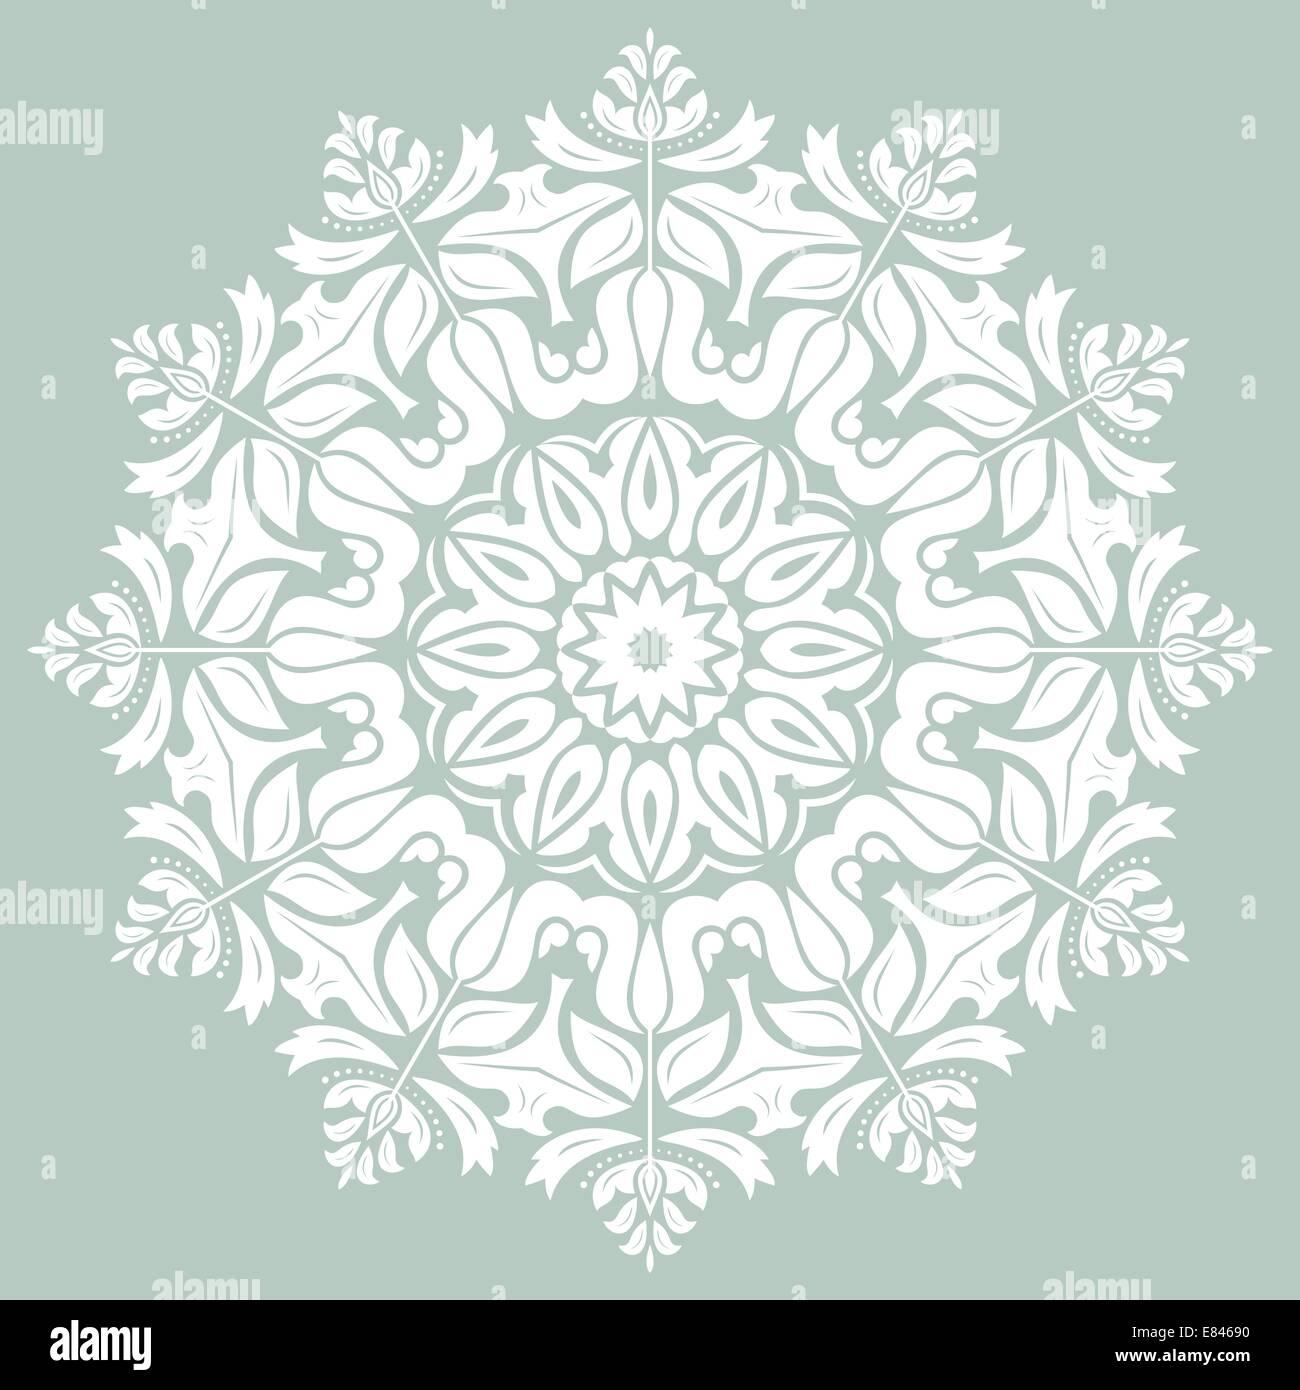 Vettore orientali pattern con damasco, Arabesque ed elementi floreali. Sfondo astratto Immagini Stock